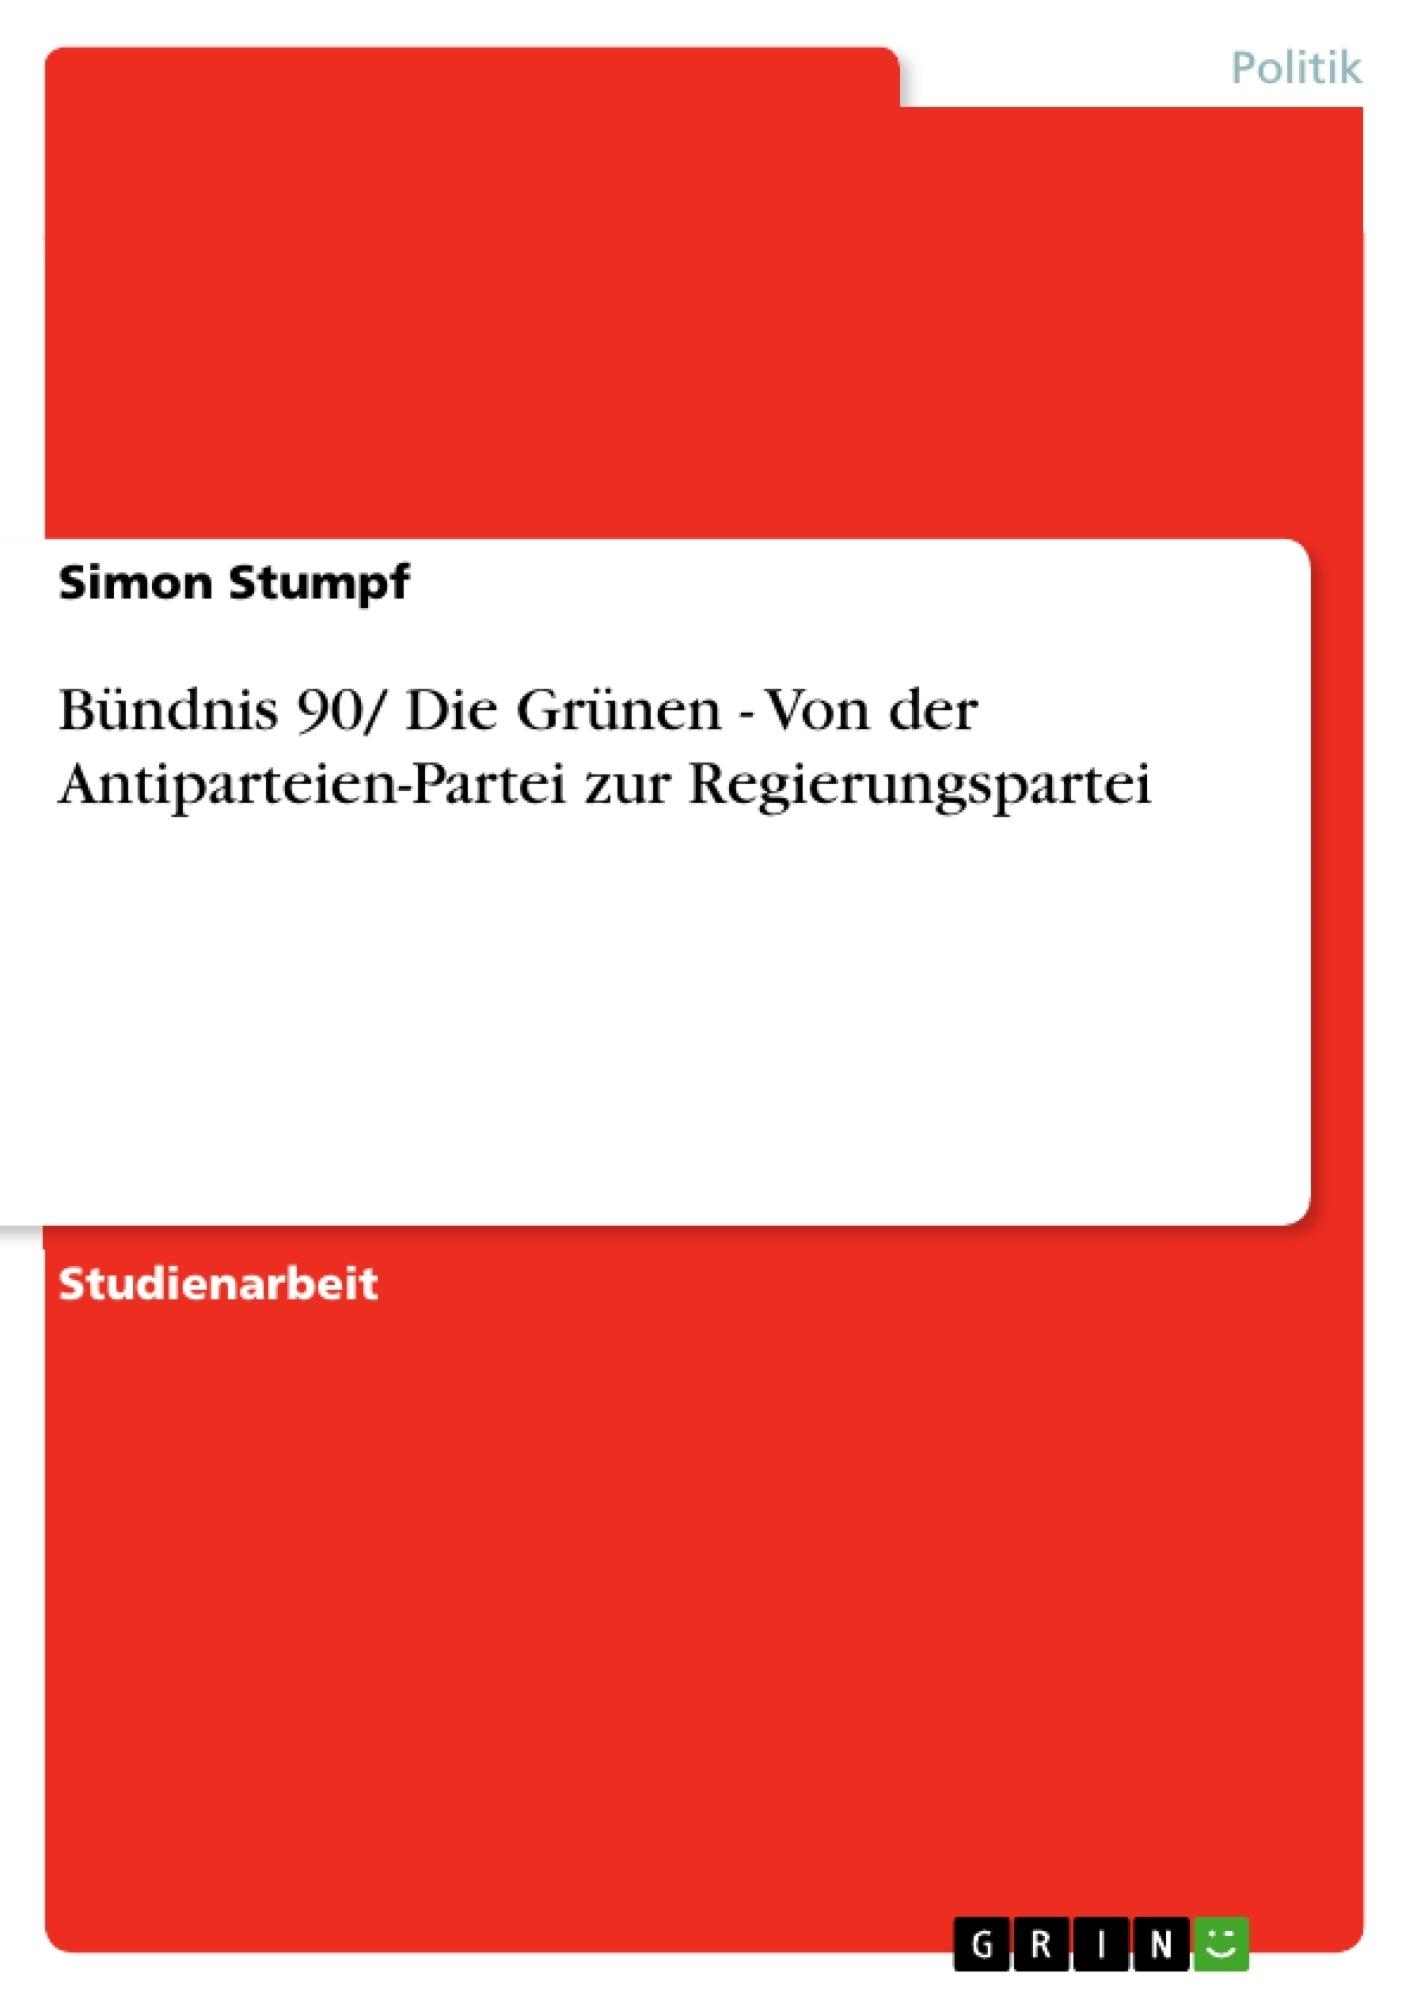 Titel: Bündnis 90/ Die Grünen - Von der Antiparteien-Partei zur Regierungspartei